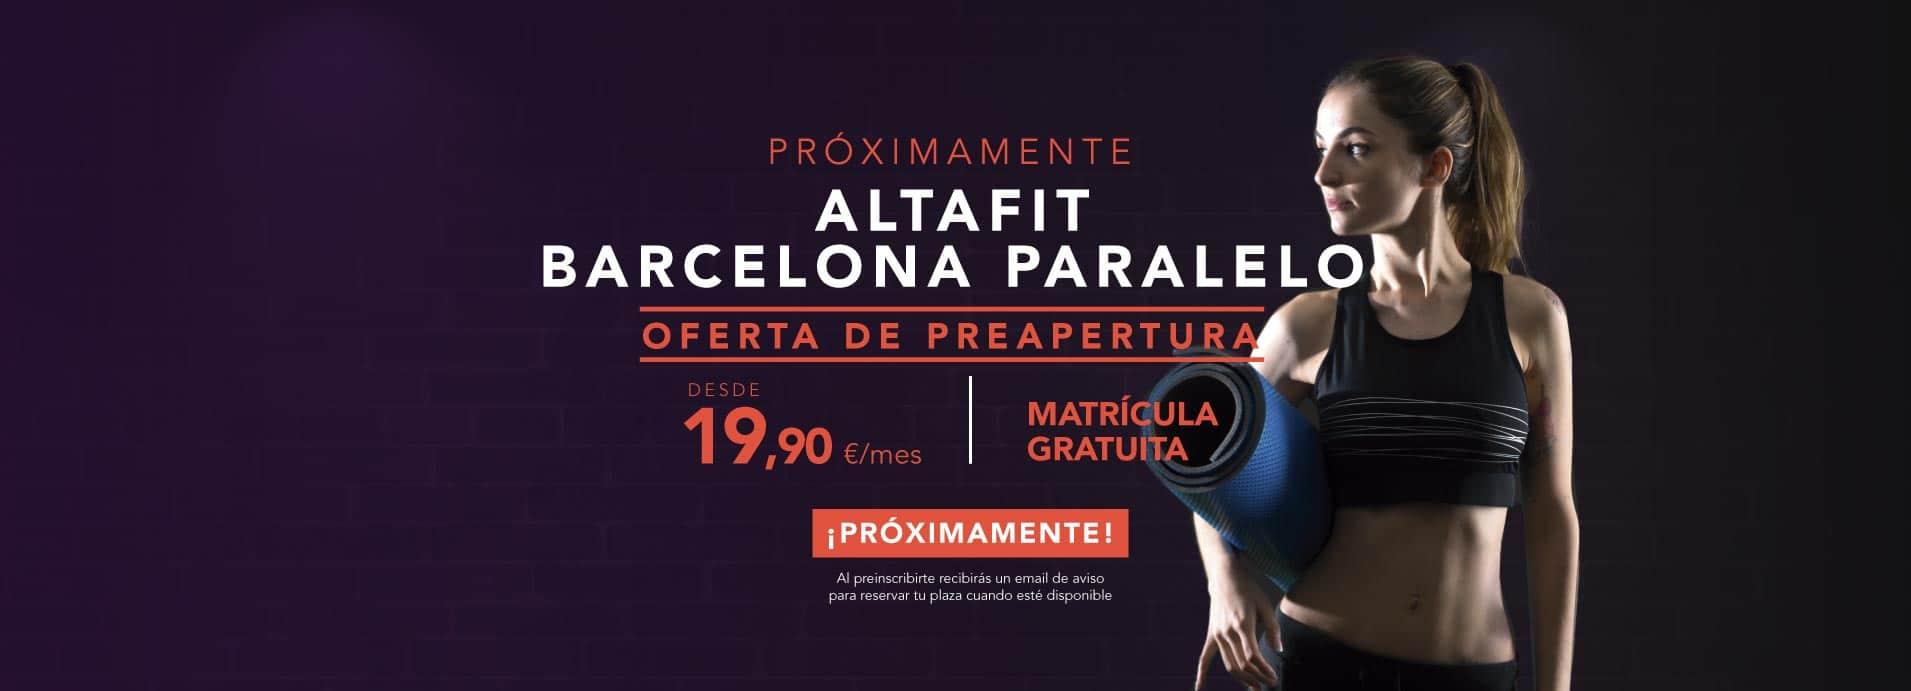 Preinscríbete en el nuevo Altafit Barcelona Paralelo